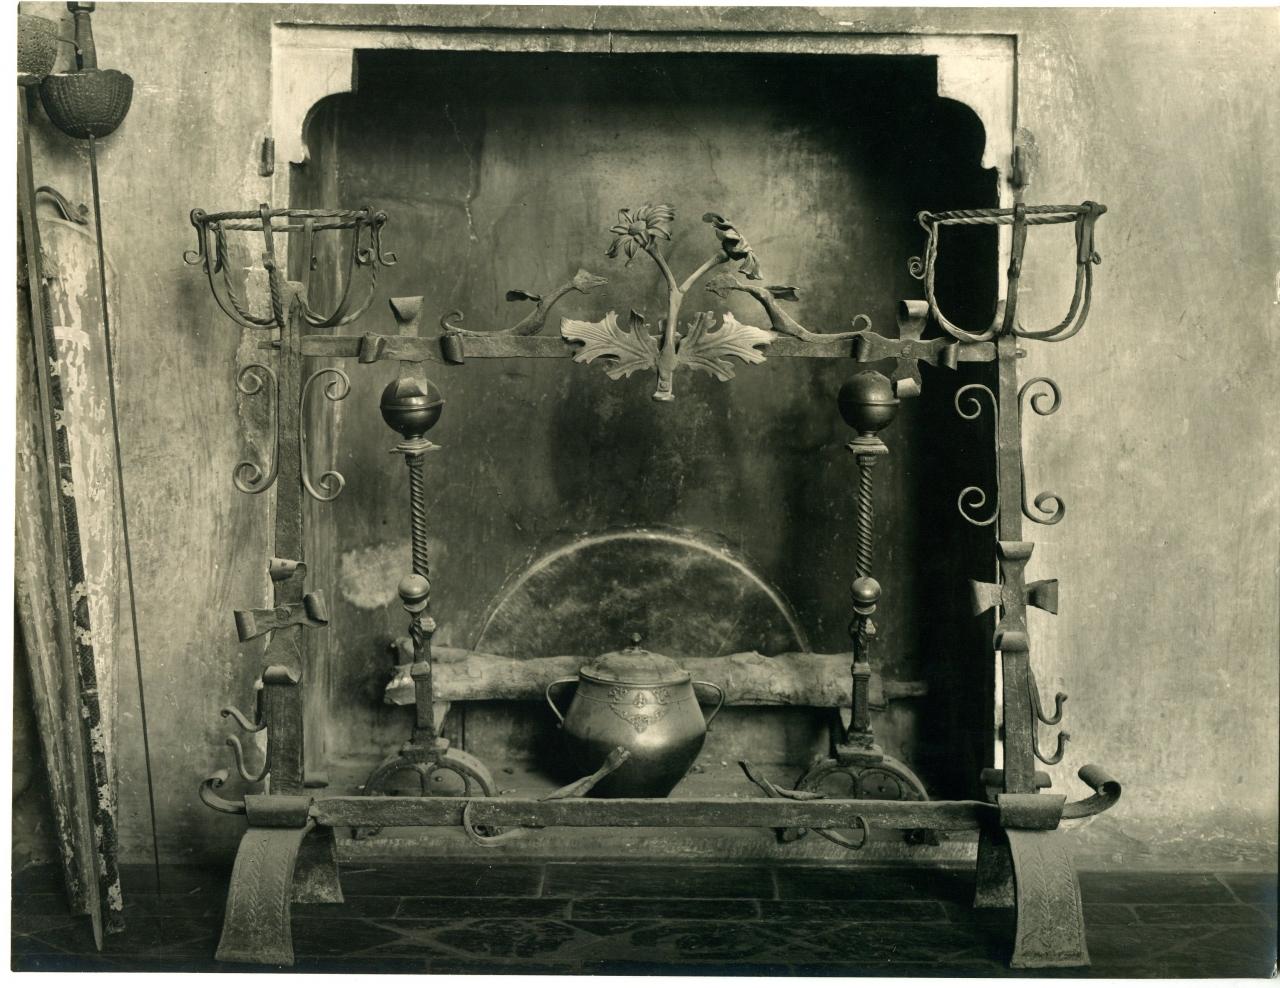 commercio antiquario-Volpi, Elia (positivo) di Edizioni Brogi (prima metà XX)